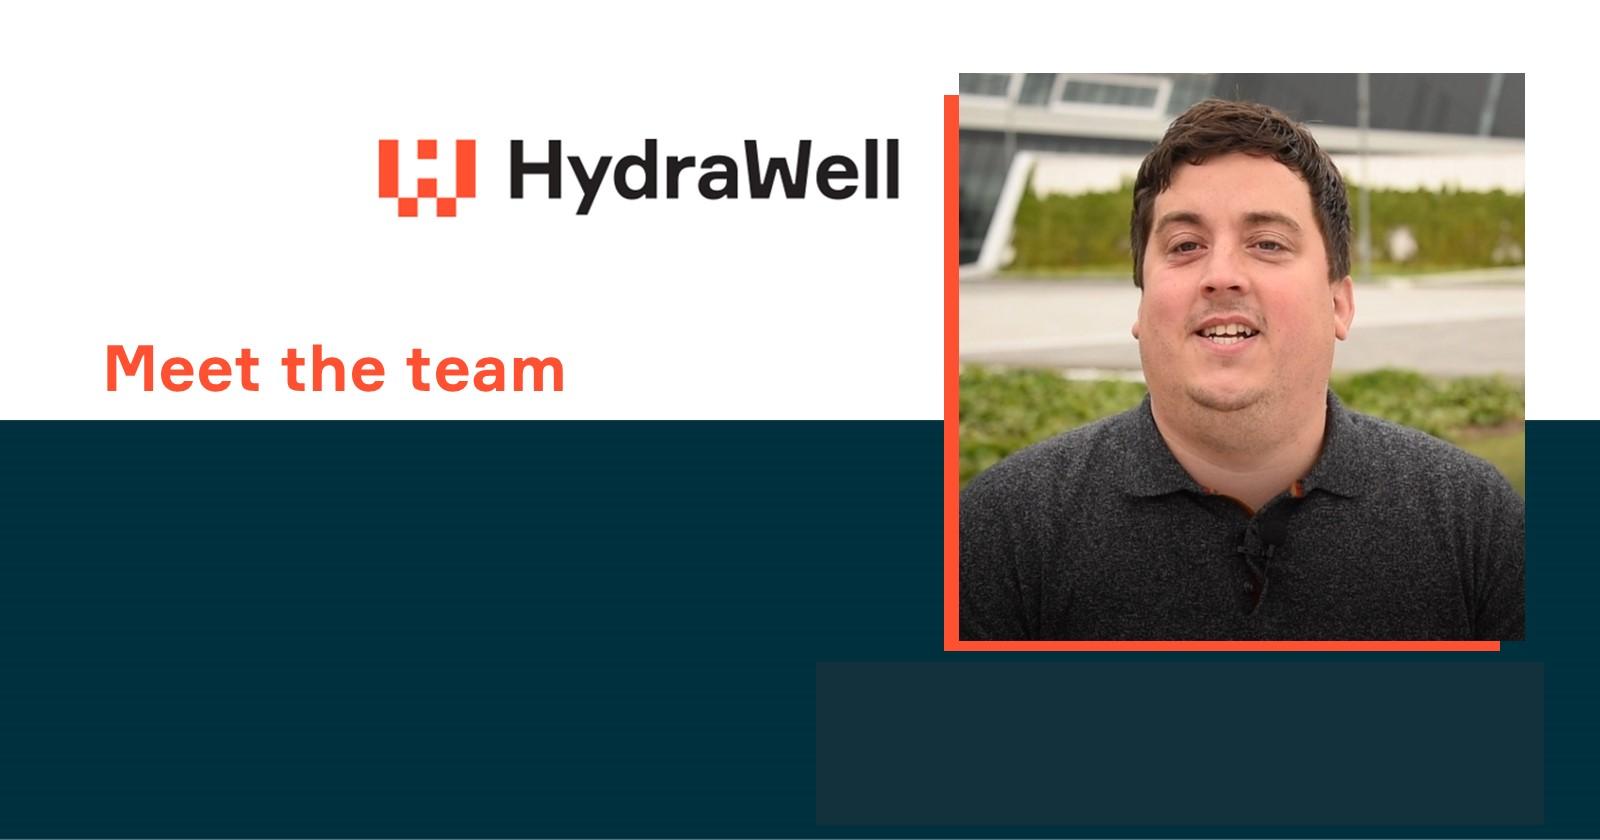 Meet the team - George Handsley